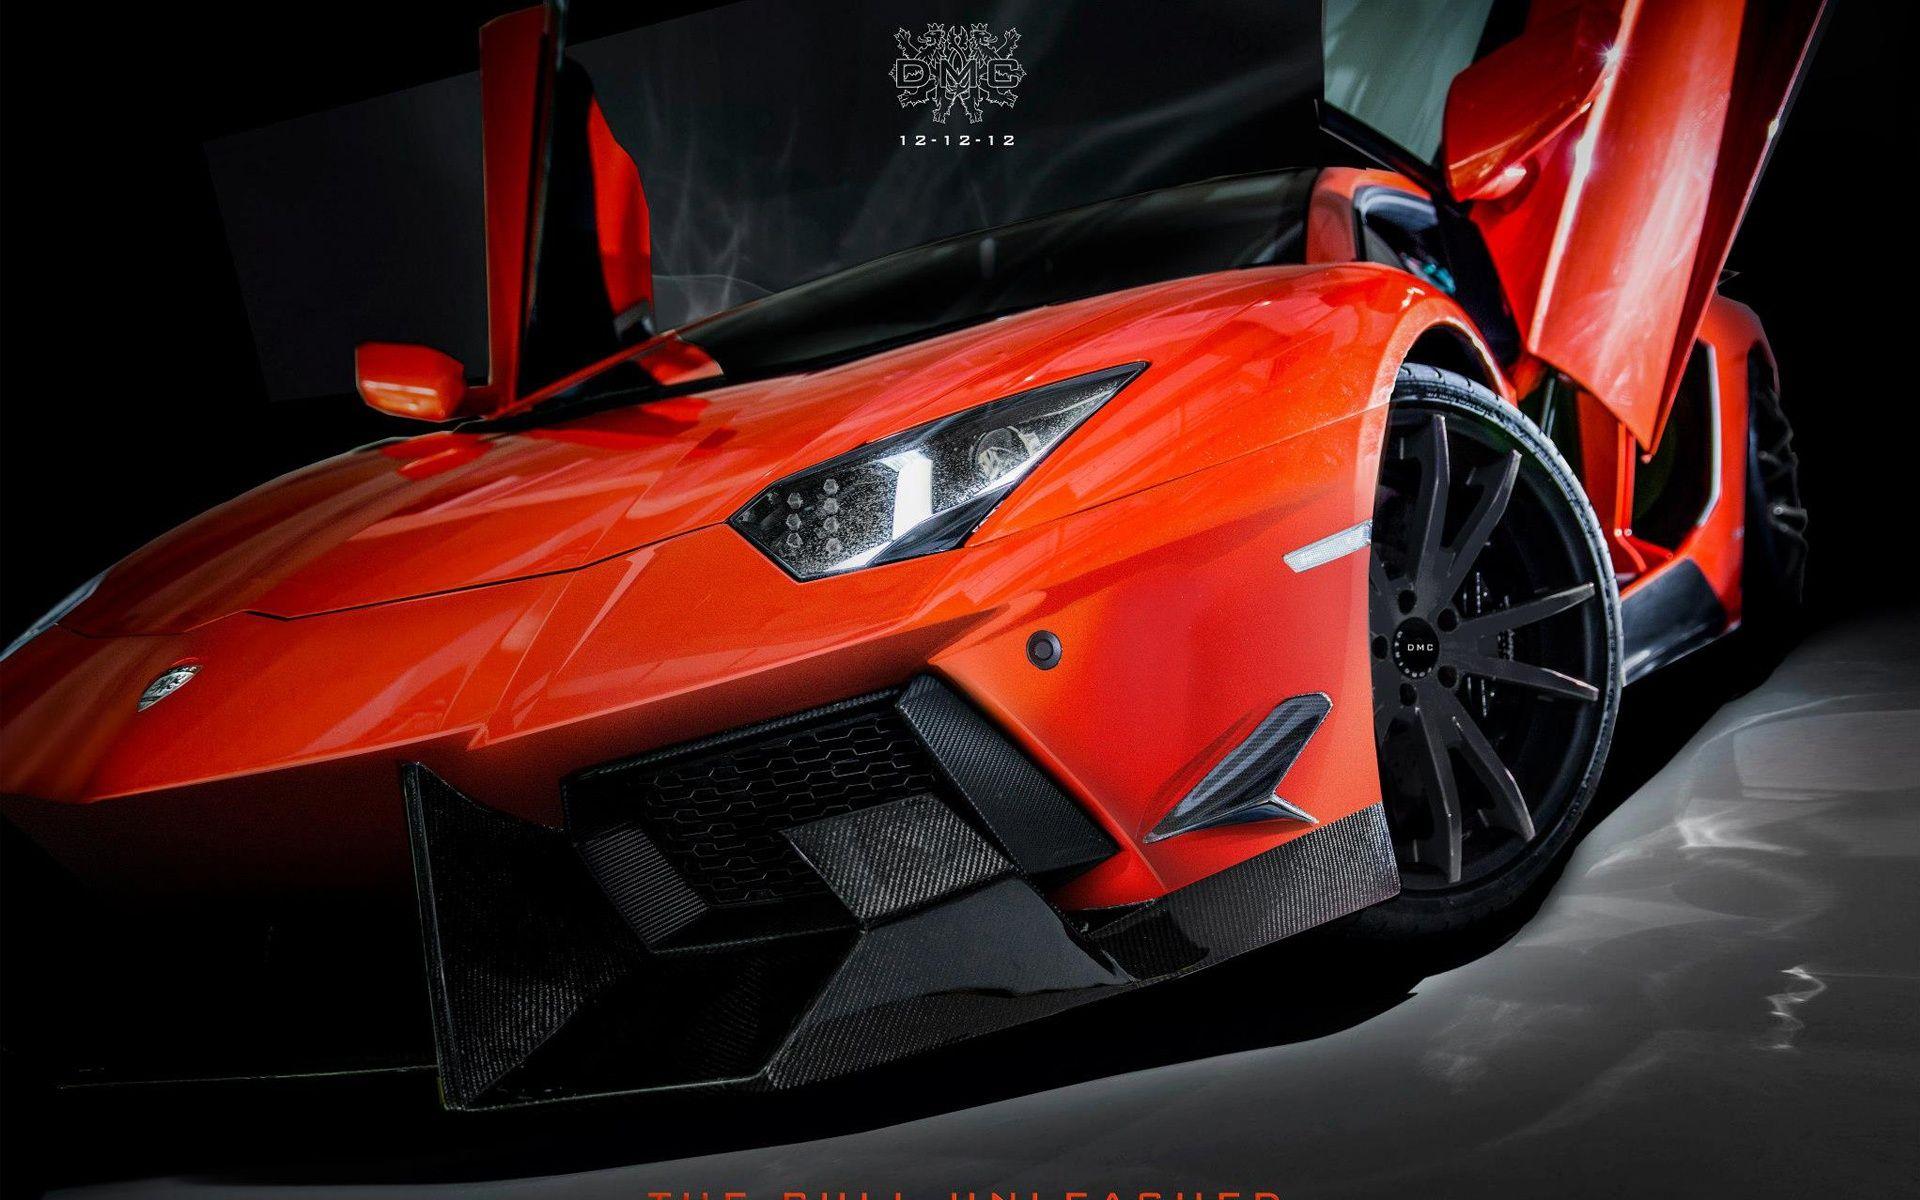 Wallpaper Mobil Sport Lamborghini Sobkerenabis